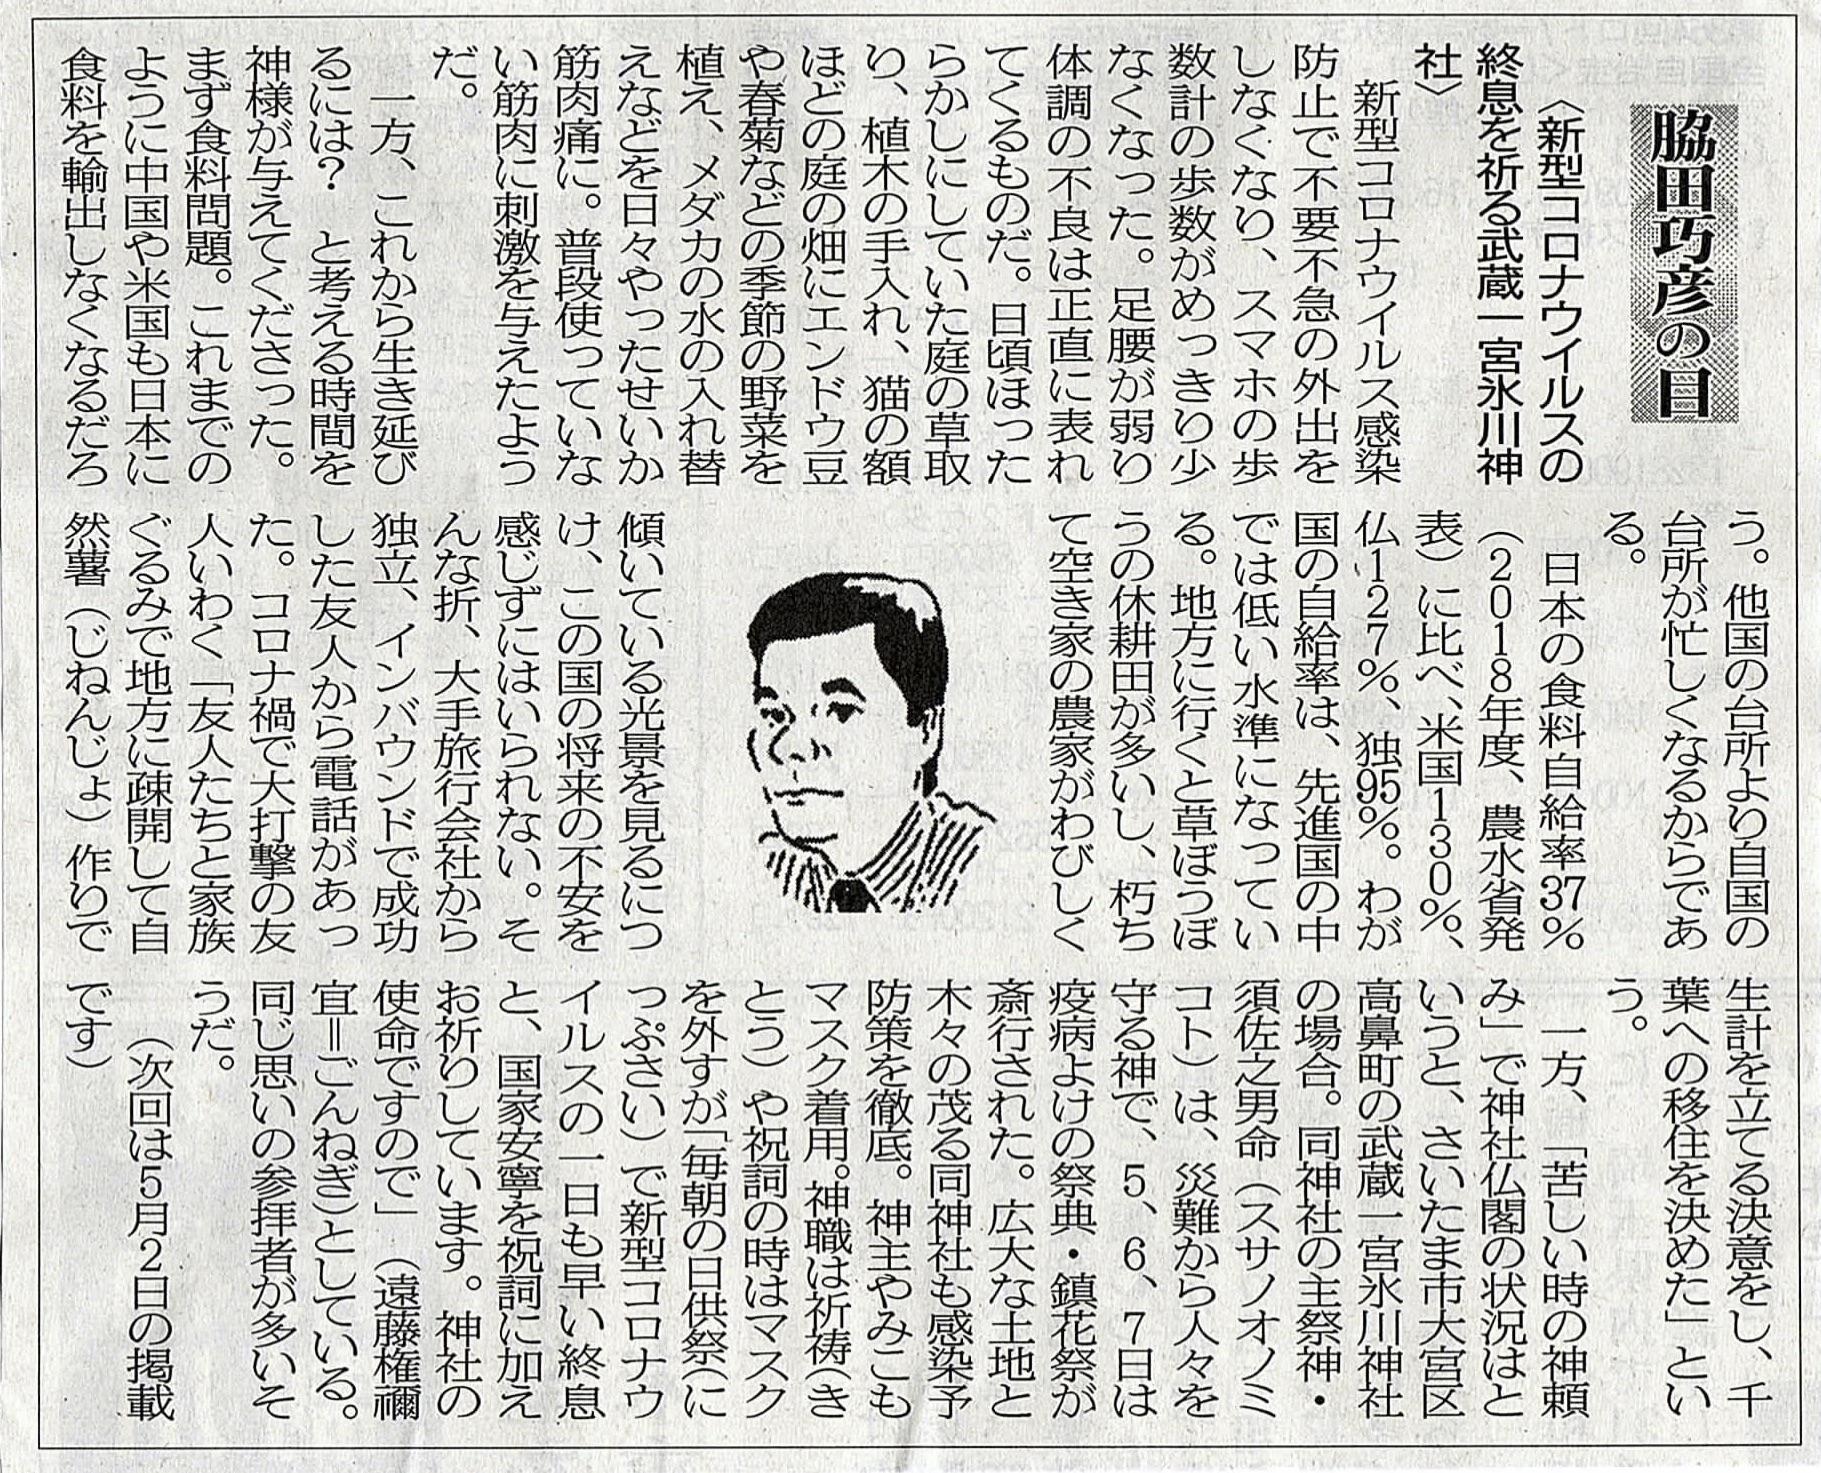 2020年4月18日 新型コロナウィルスの終息を祈る武蔵一宮氷川神社